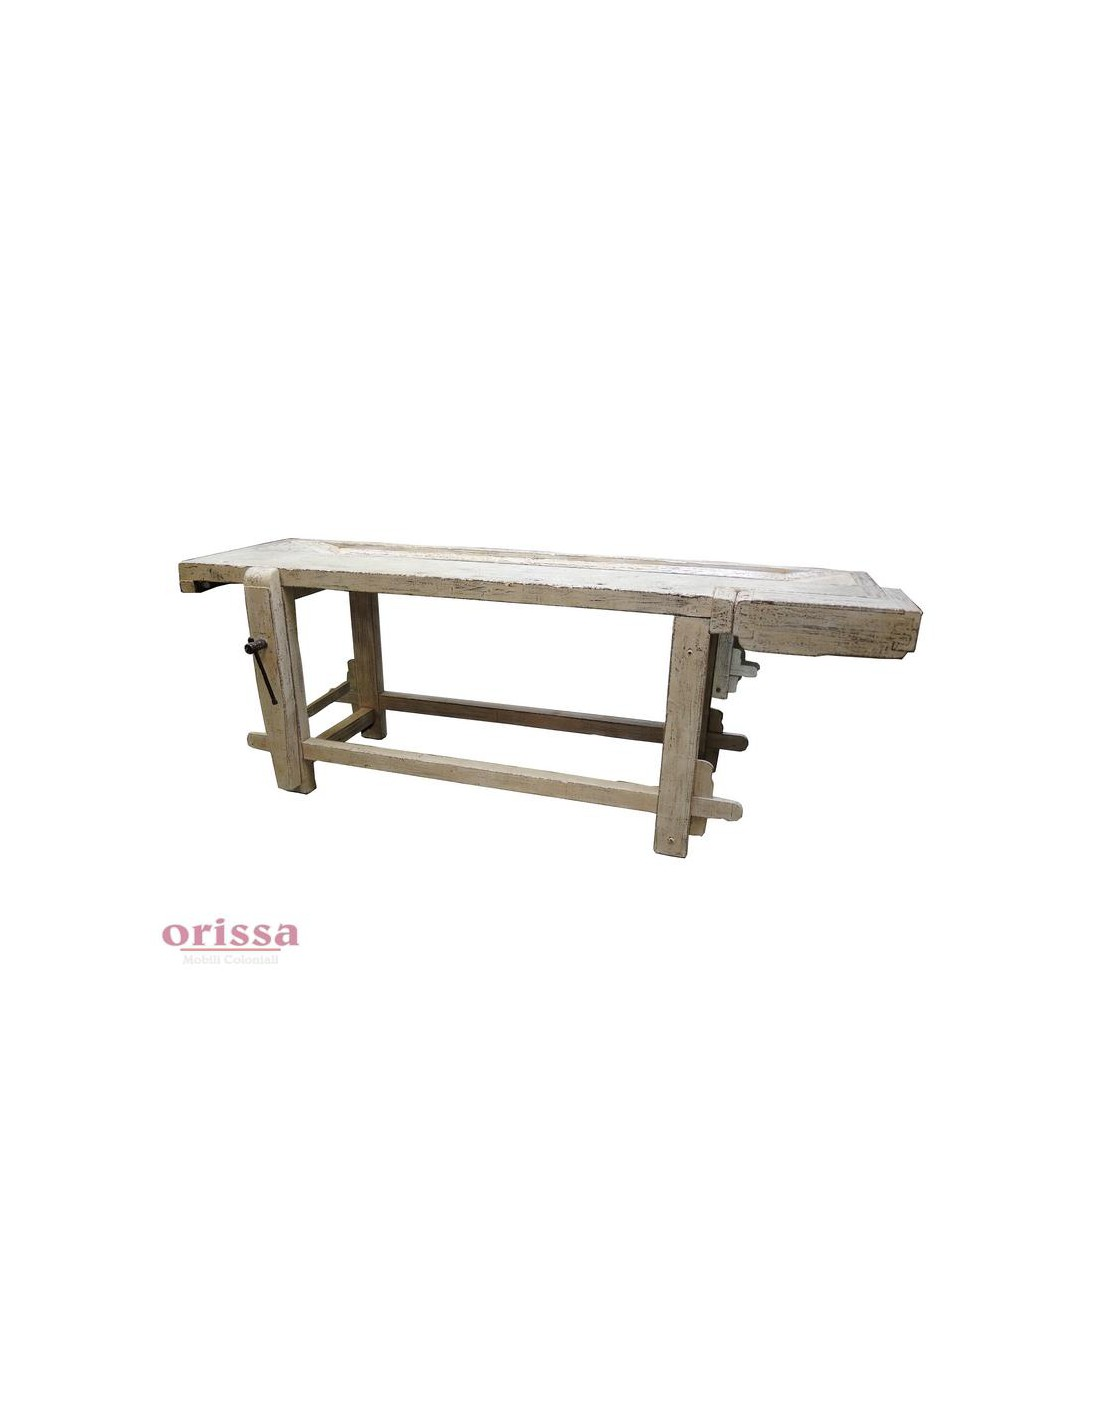 Tavolo da falegname bianco decapato cx028 orissa milano - Tavoli da falegname nuovi ...